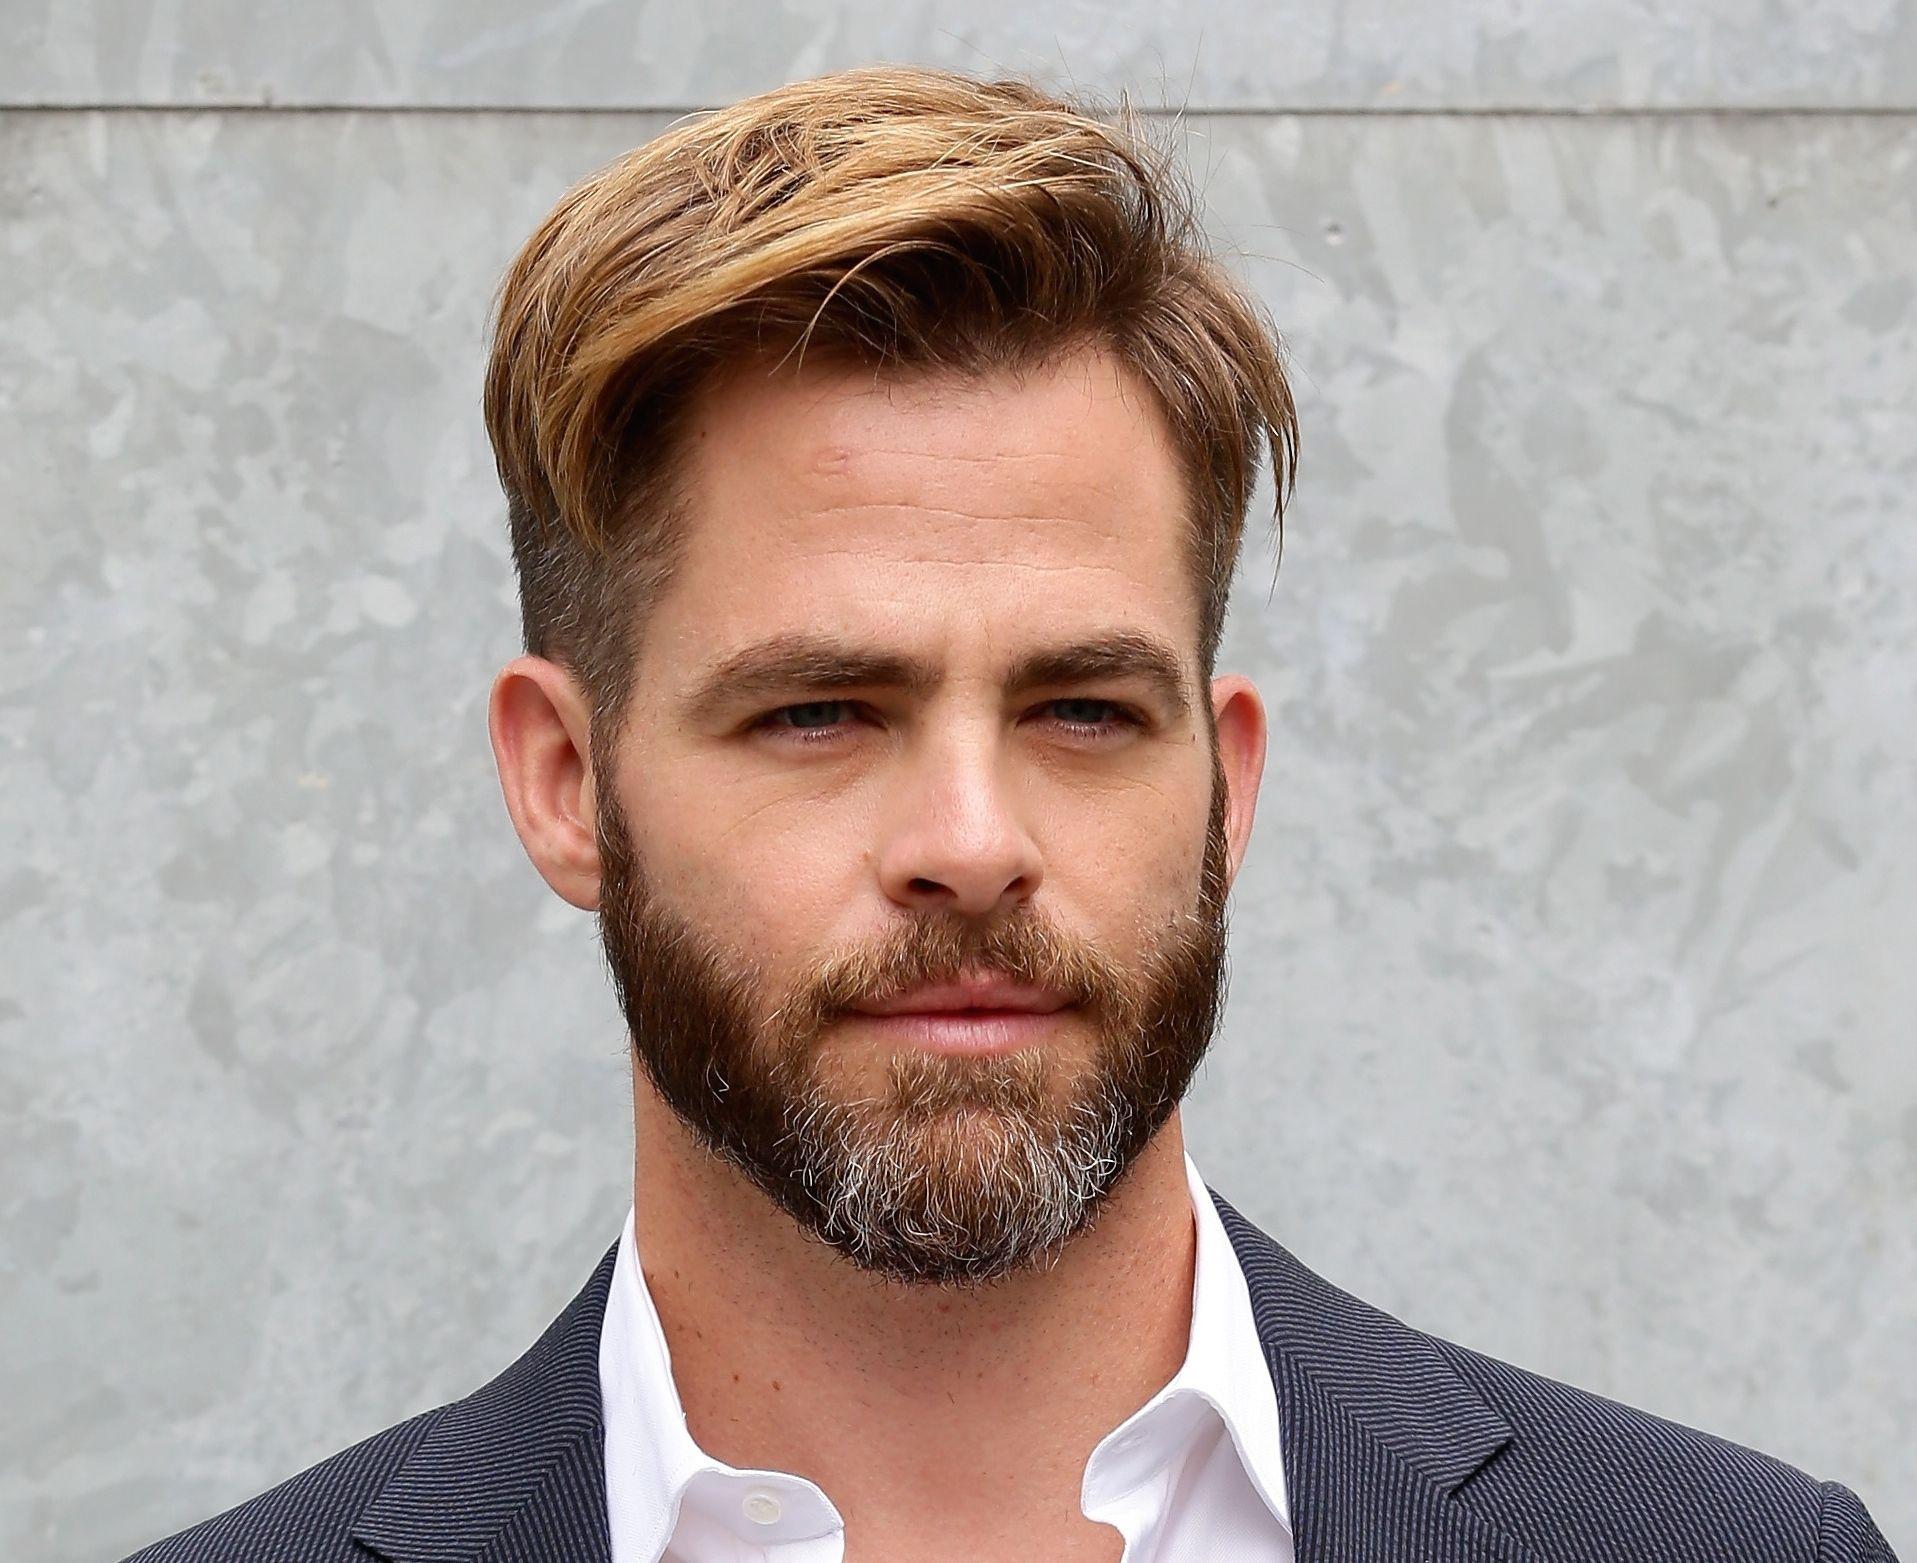 Wie Mann jetzt Haare trägt